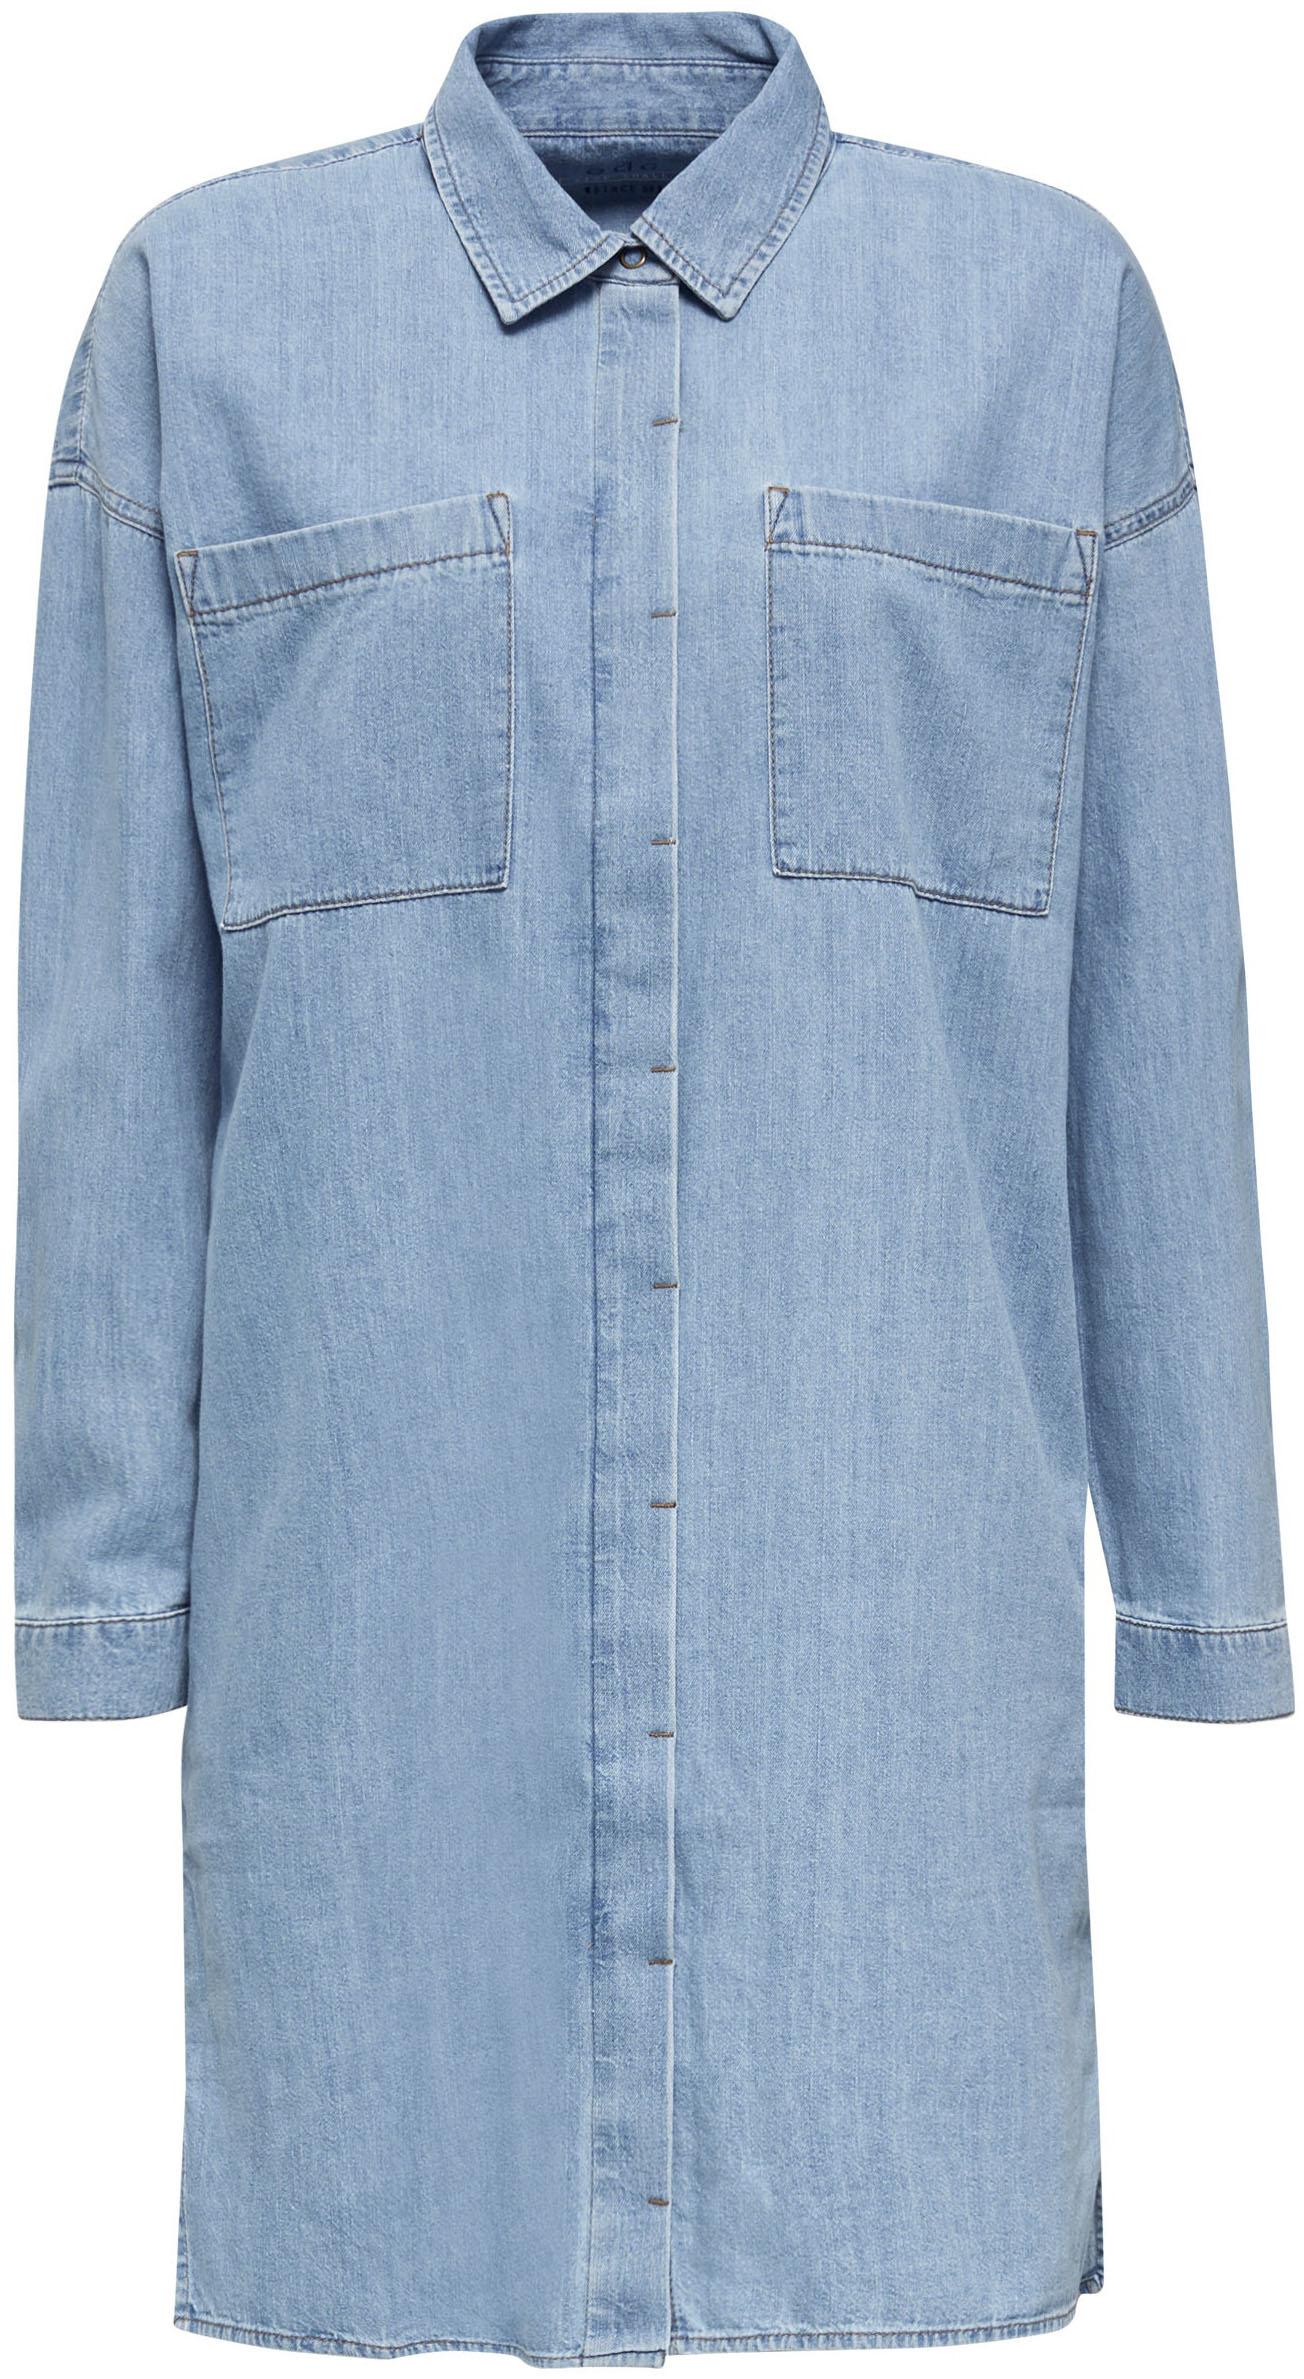 edc by esprit -  Jeanskleid, mit aufgesetzten Taschen vorne